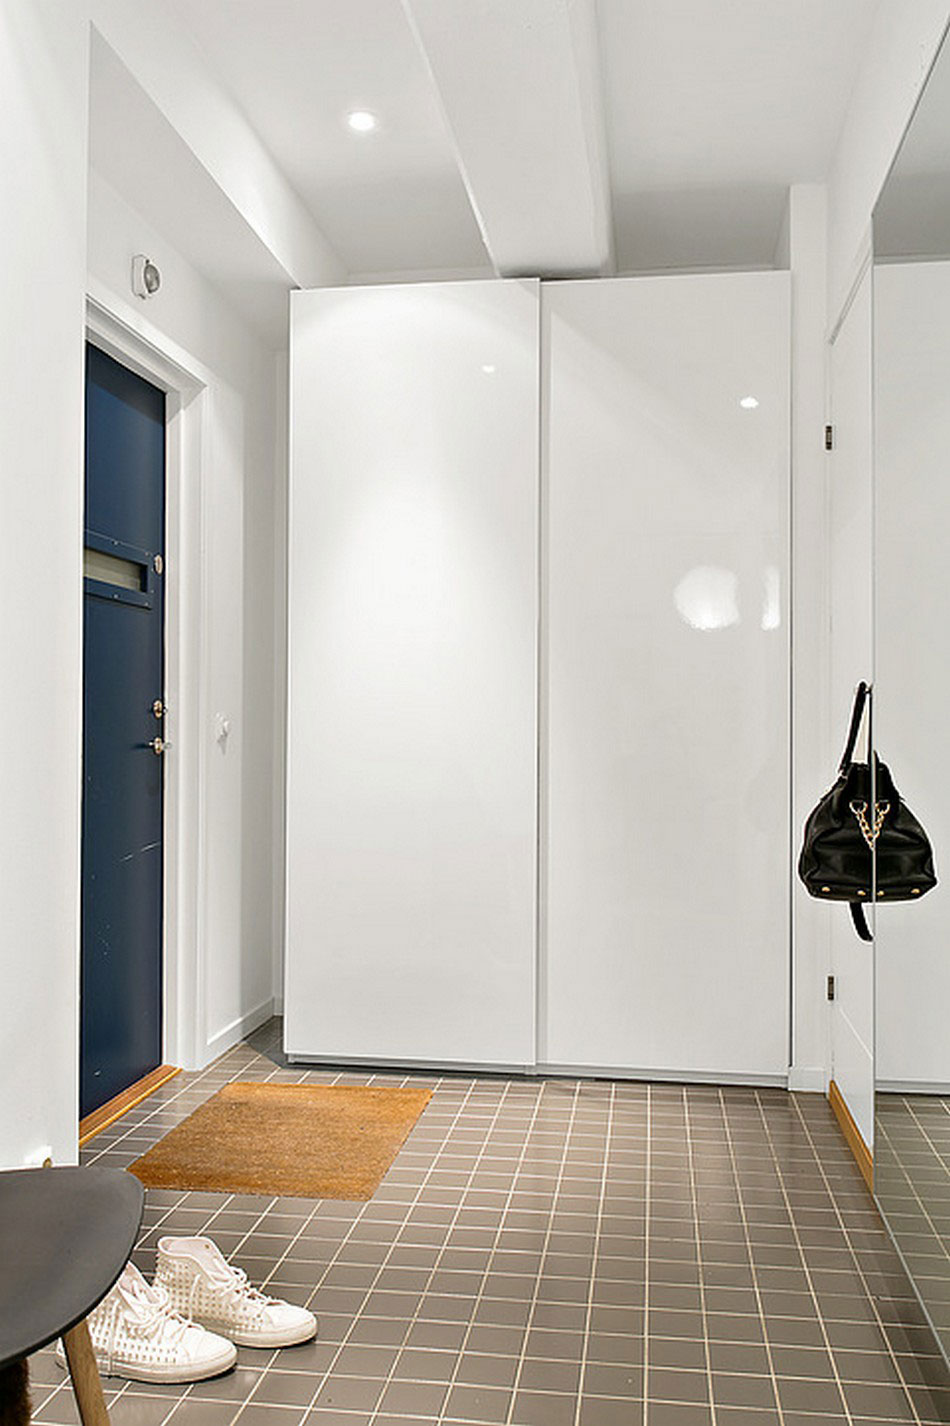 Mysig lägenhet i Göteborg som presenterar en vacker skandinavisk design 23 Mysig lägenhet i Göteborg presenterar en vacker skandinavisk design